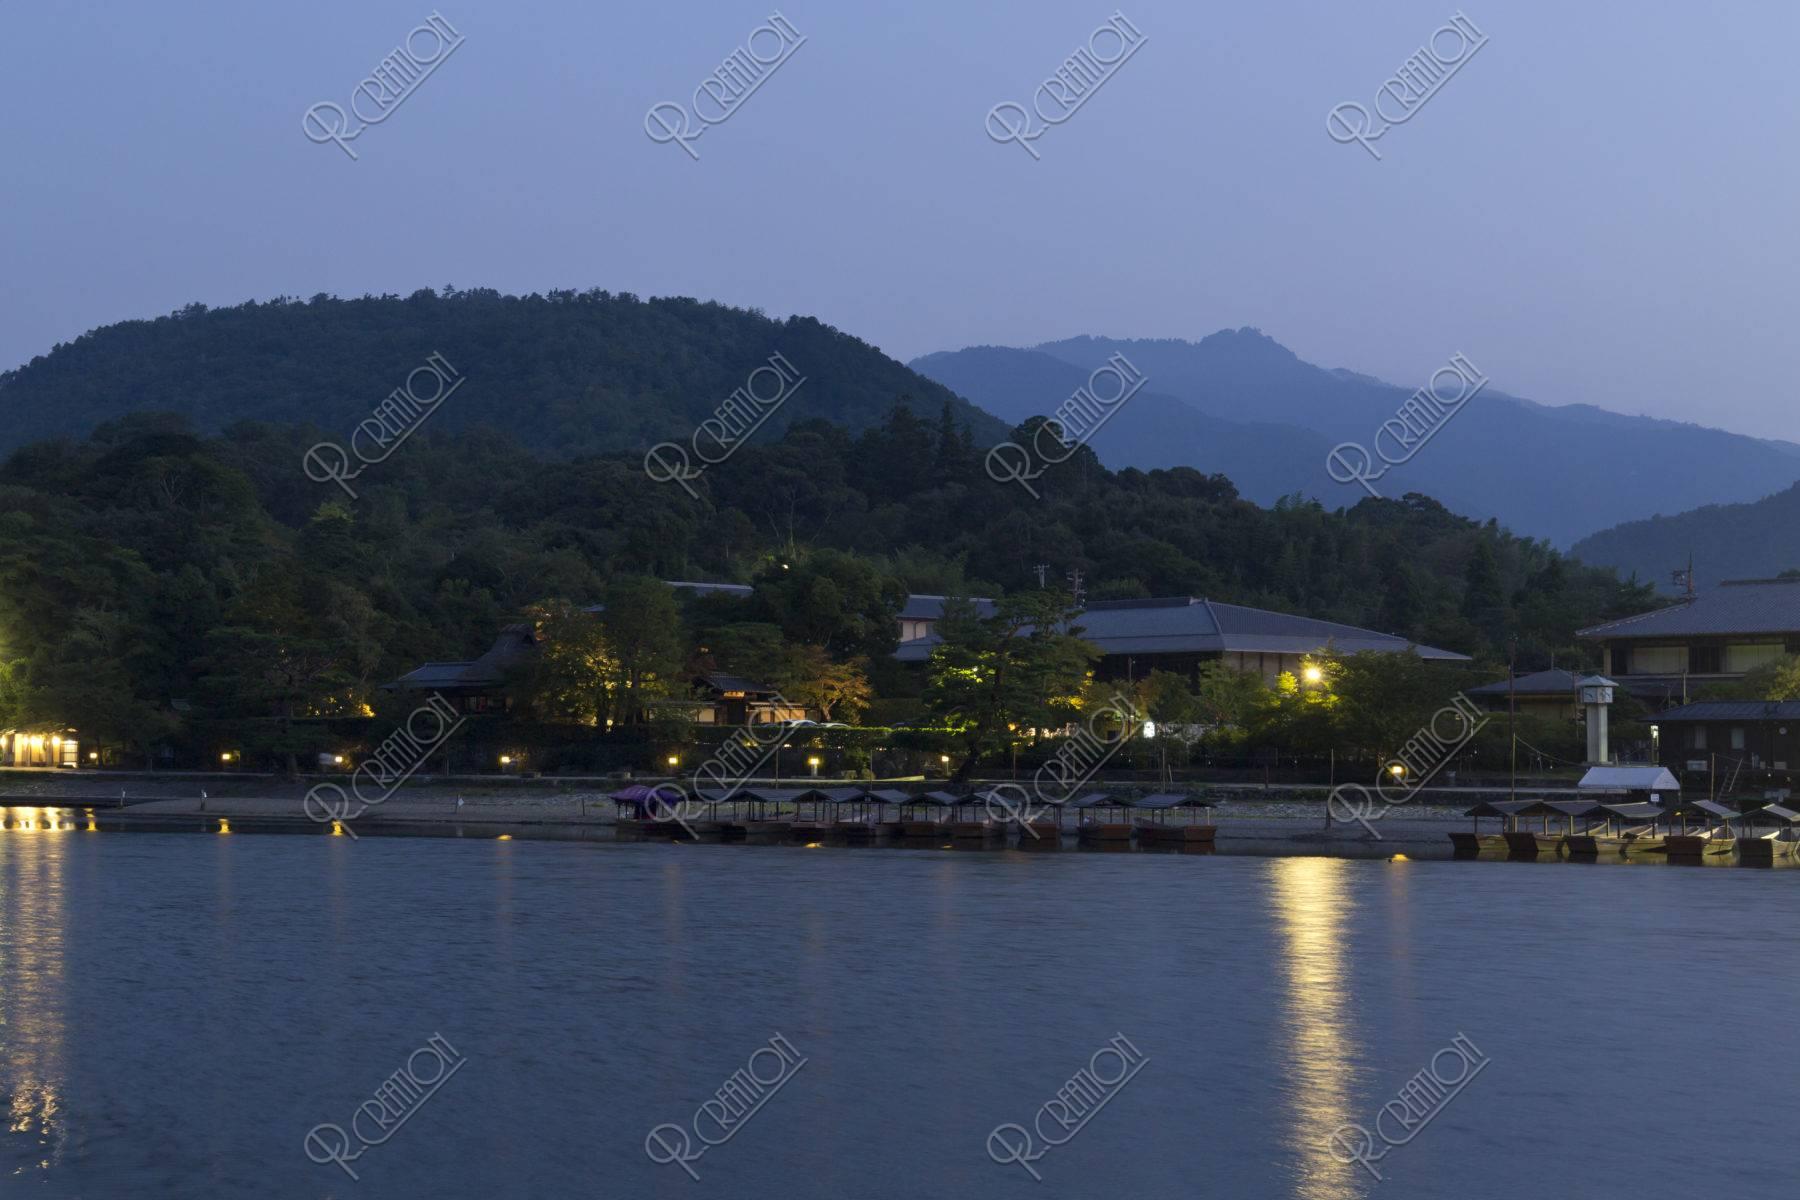 夜明け前の小倉山